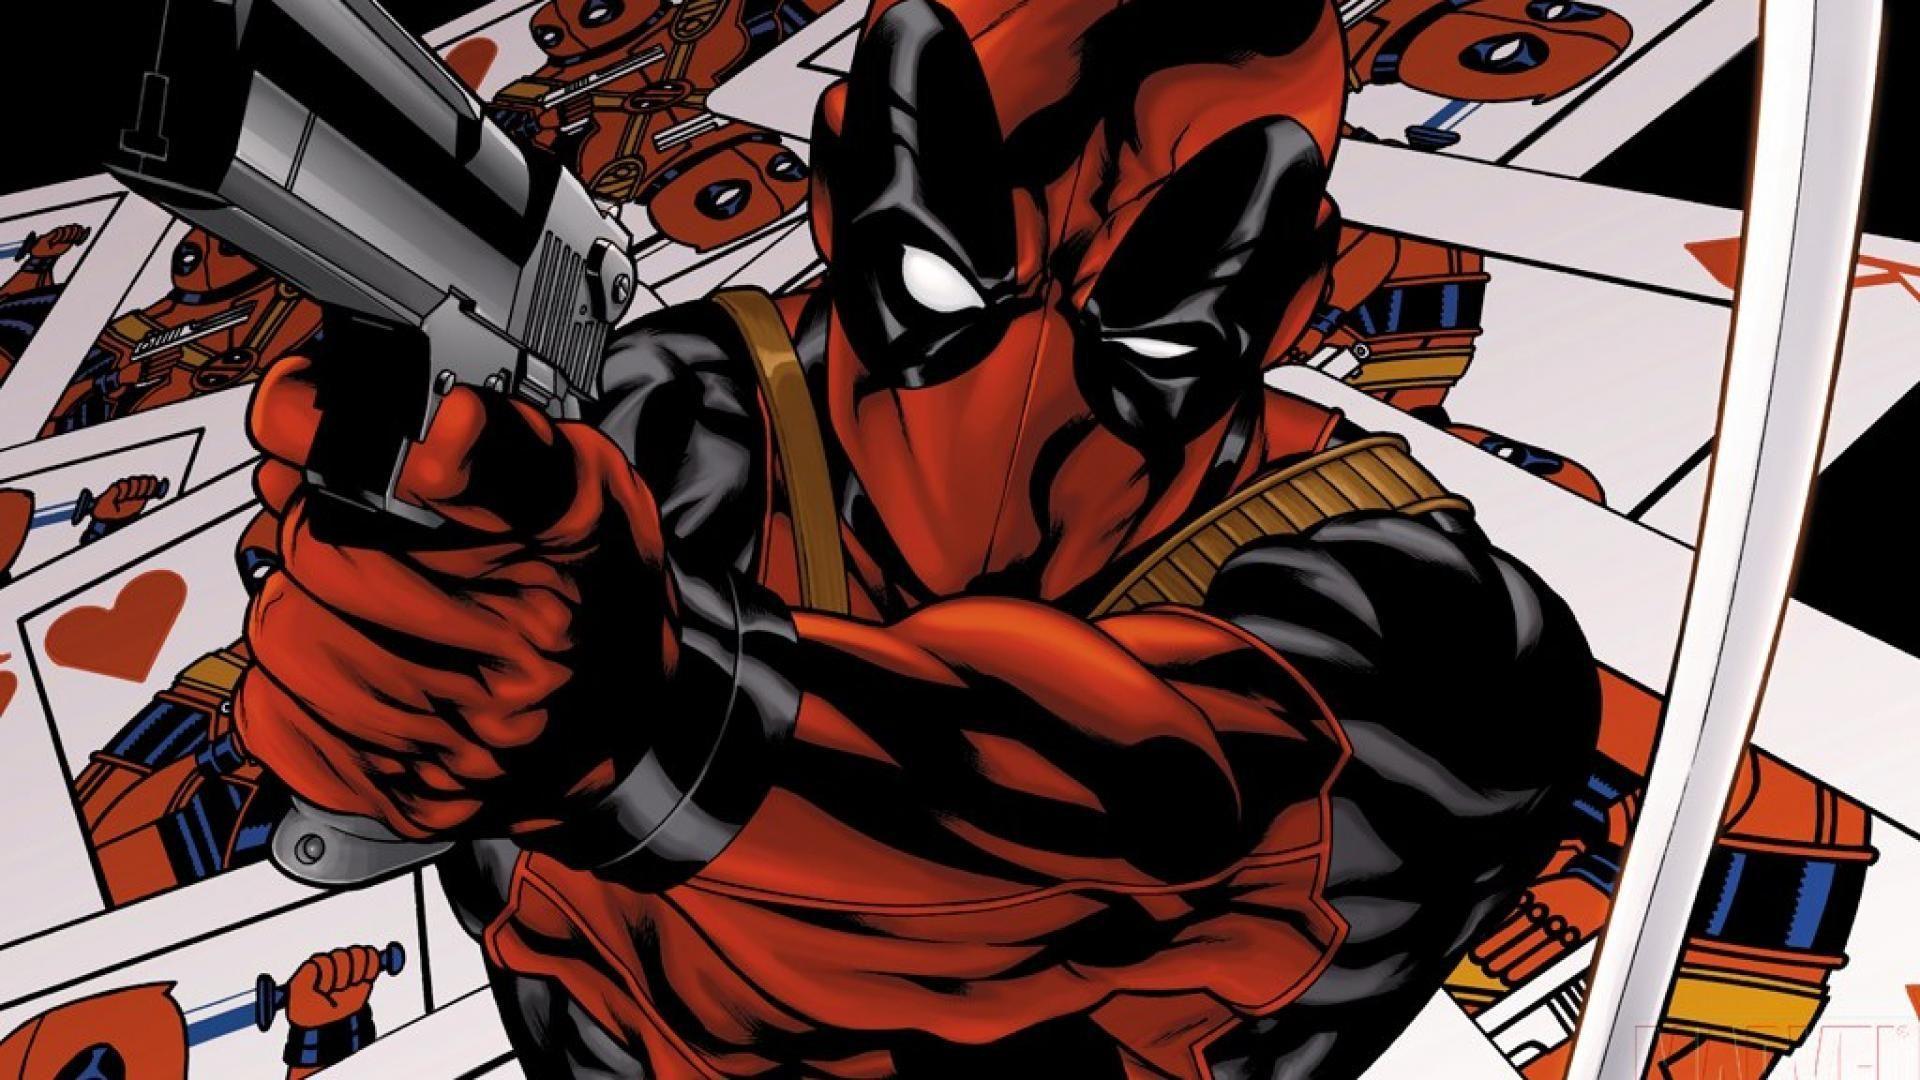 Deadpool Comics - Modern Version